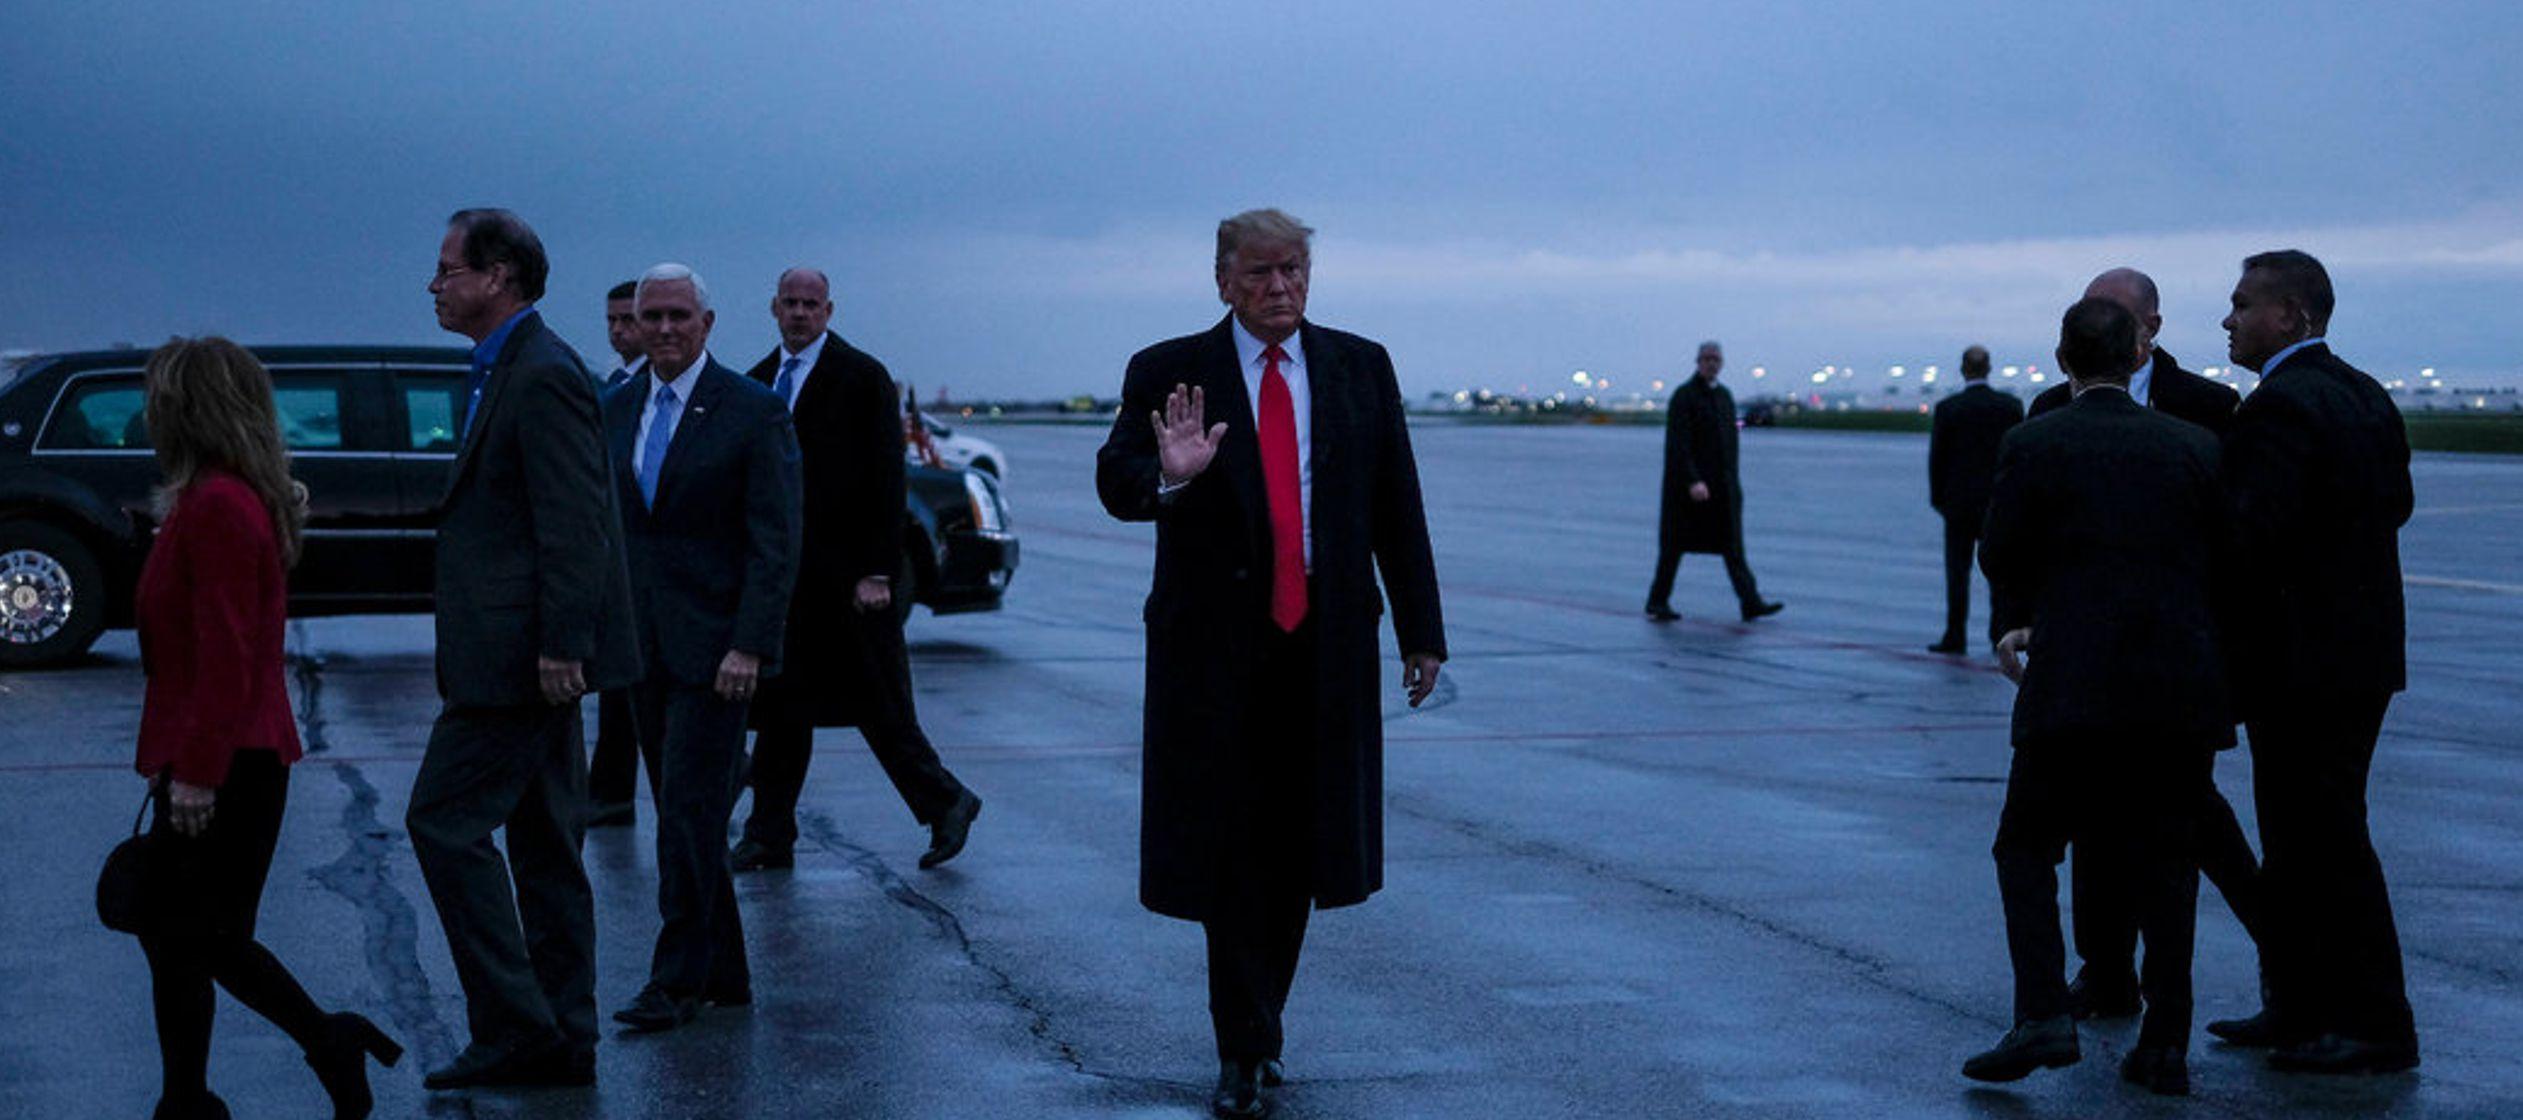 Su partido ya no tiene control de todas las palancas del poder en Washington, por lo que ya no le...